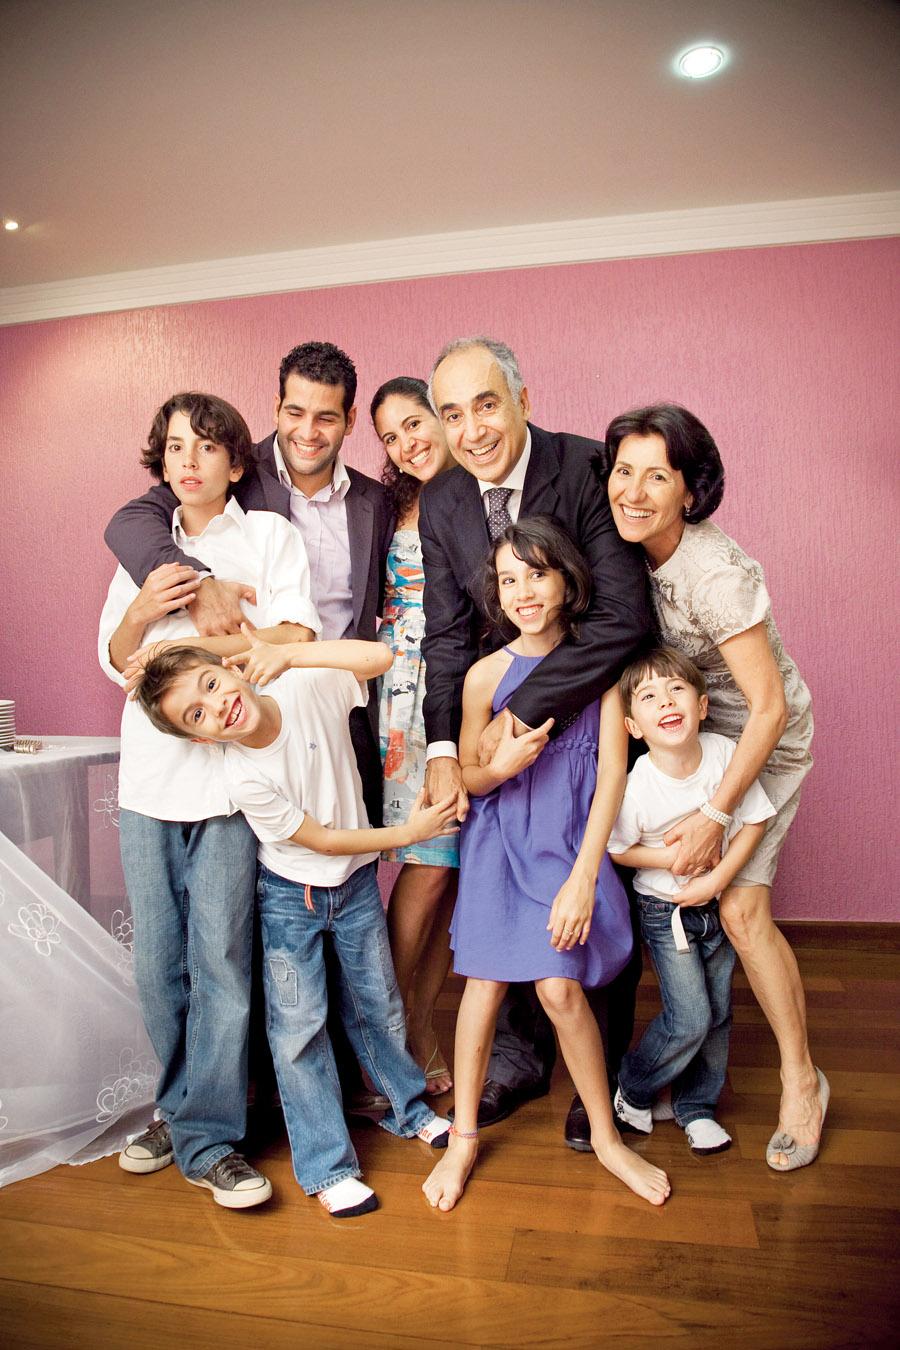 No casamento, com João, os dois filhos dele (atrás) e os quatro filhos dela (na frente)